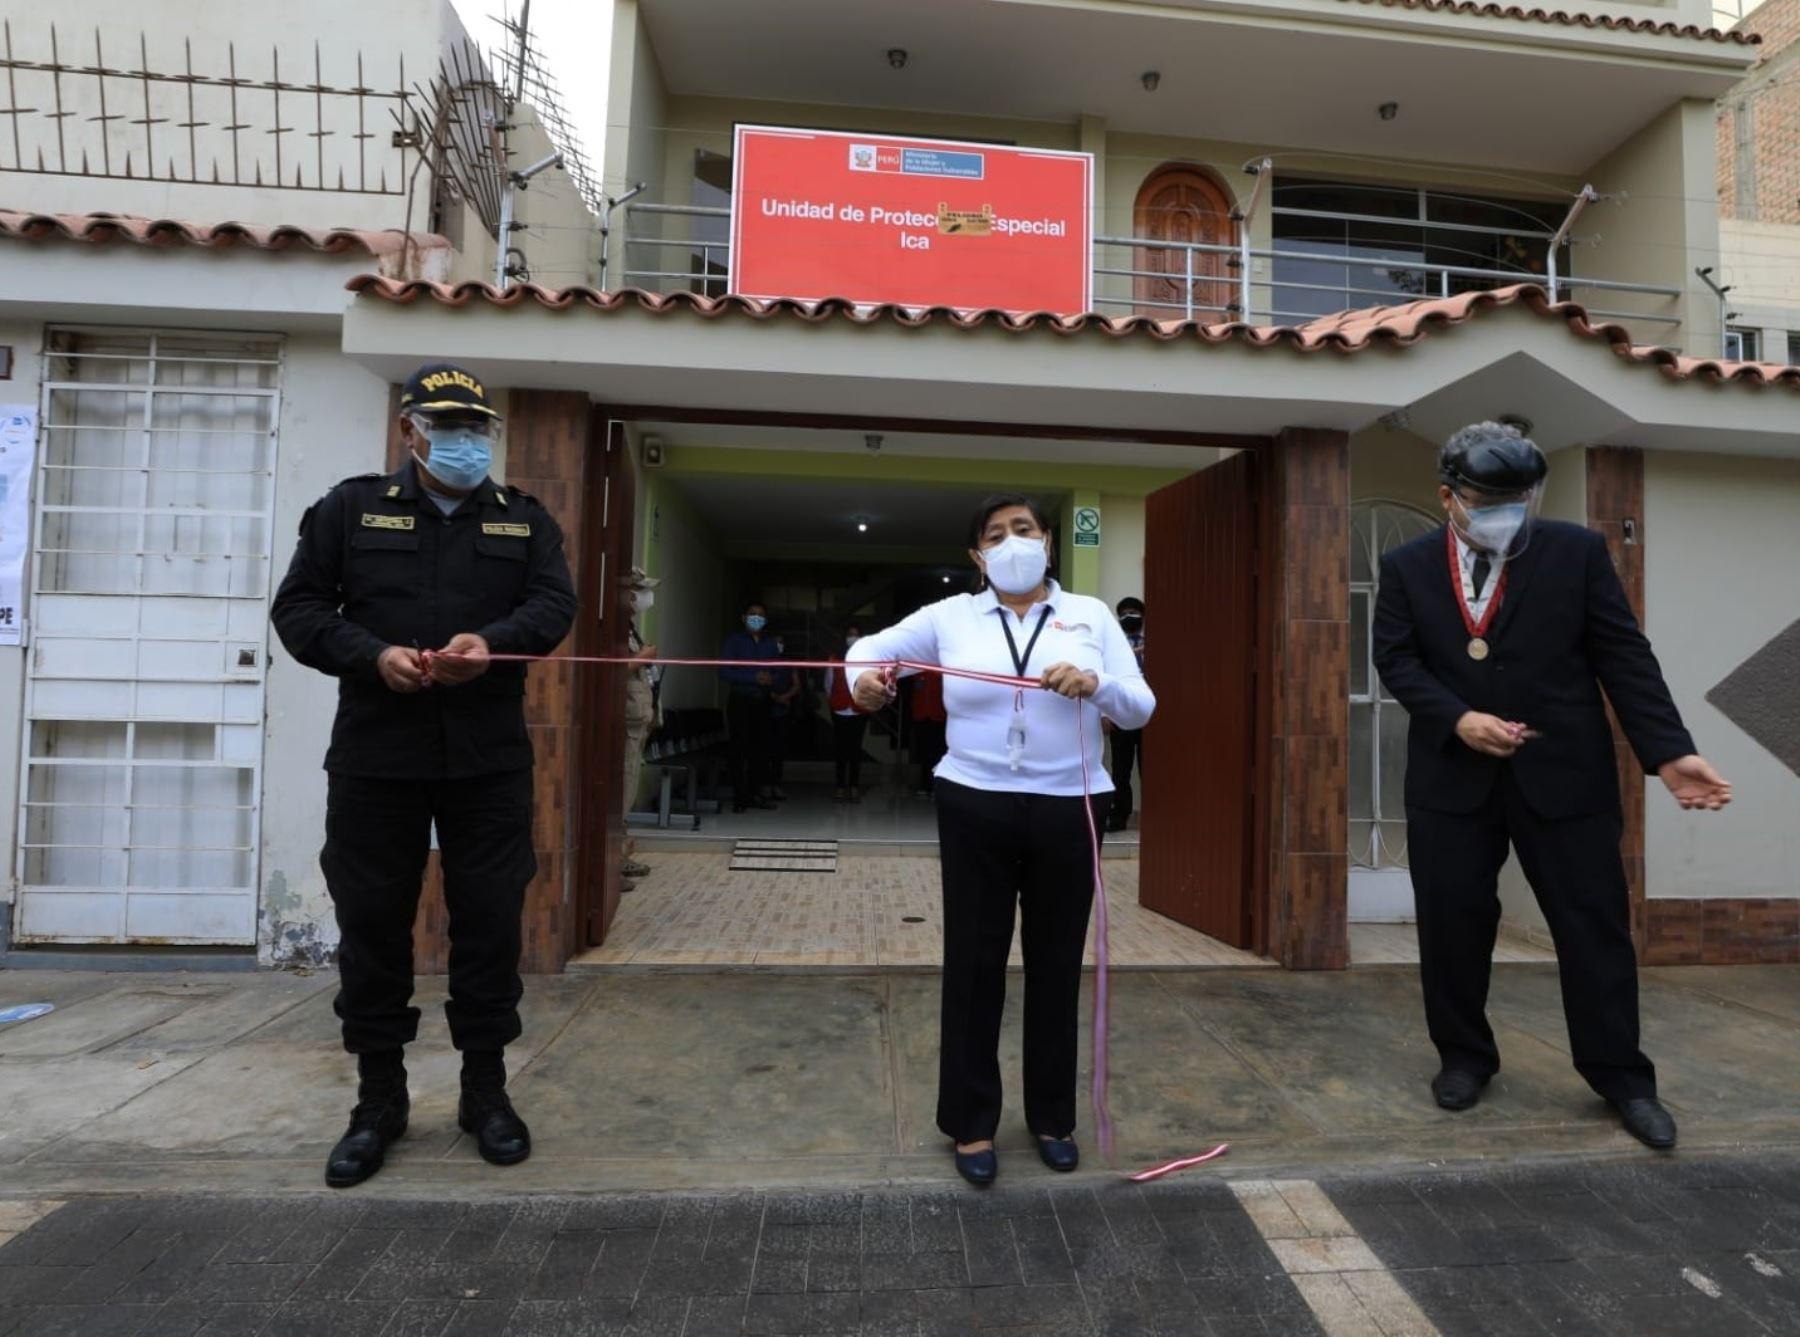 Ministerio de la Mujer y Poblaciones Vulnerables (MIMP) inaugura en Ica sede de la Unidad de Protección Especial para fortalecer protección de niños y adolescentes en abandono. ANDINA/Difusión